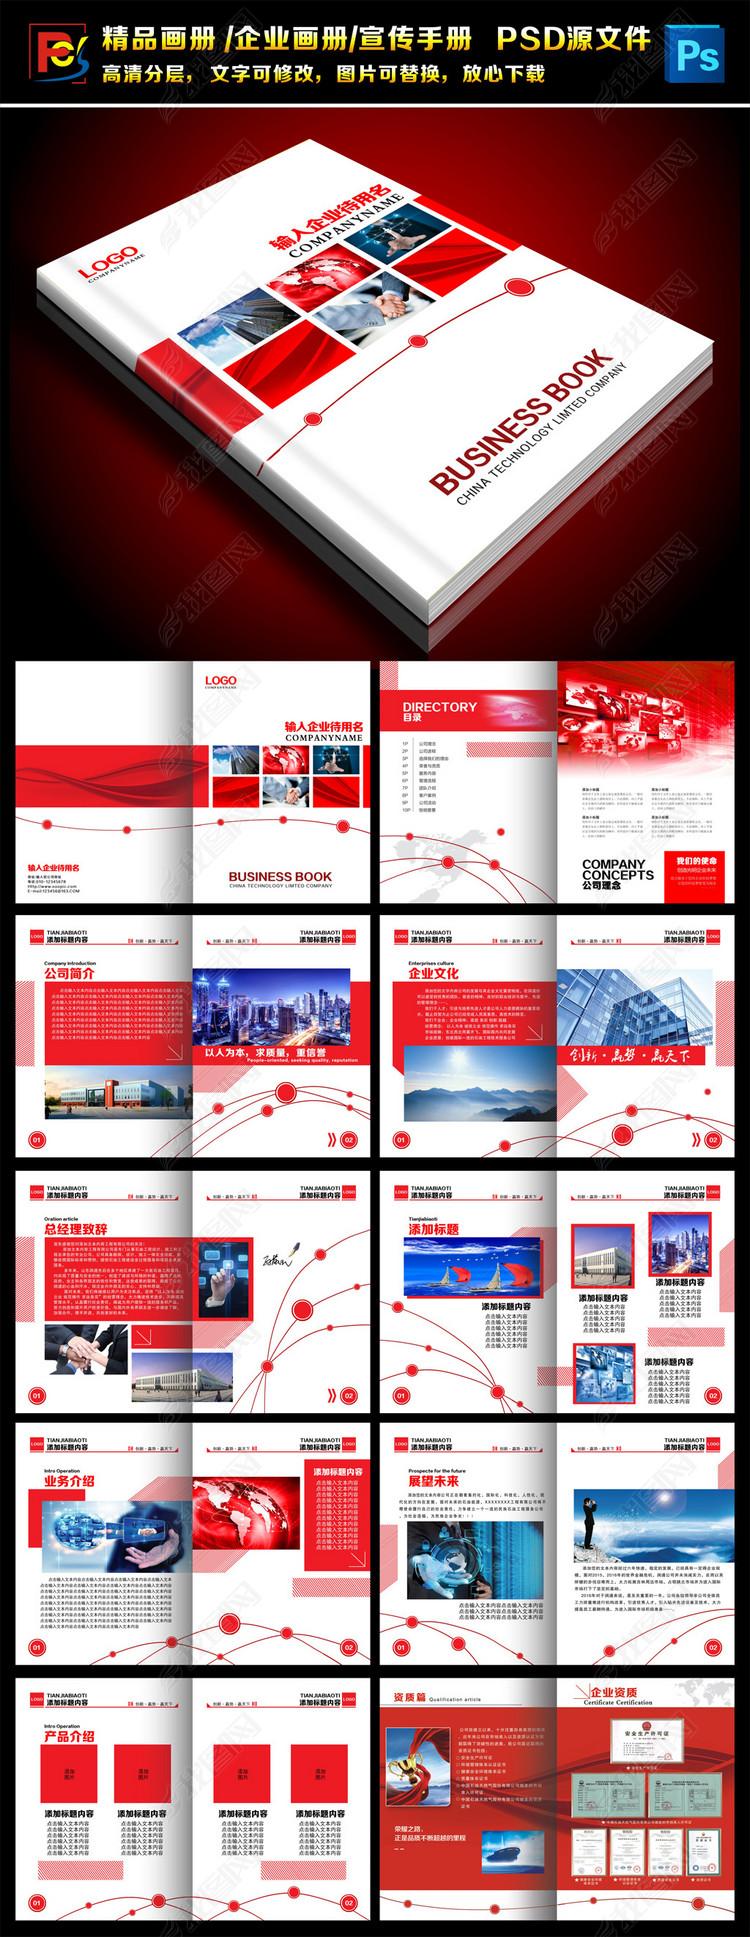 红色企业宣传册企业文化画册科技画册商务